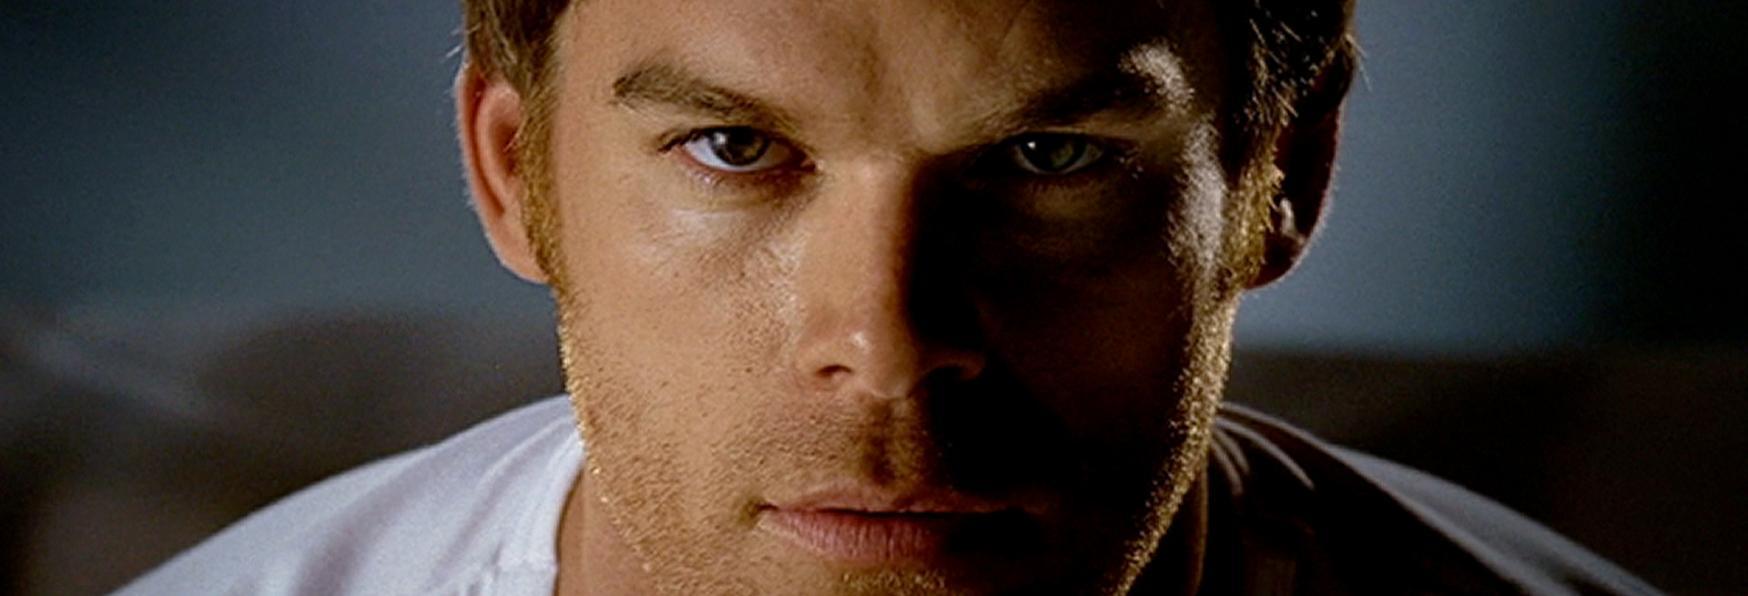 Dexter, il Revival: Svelato il Teaser Trailer della nuova Stagione targata Showtime